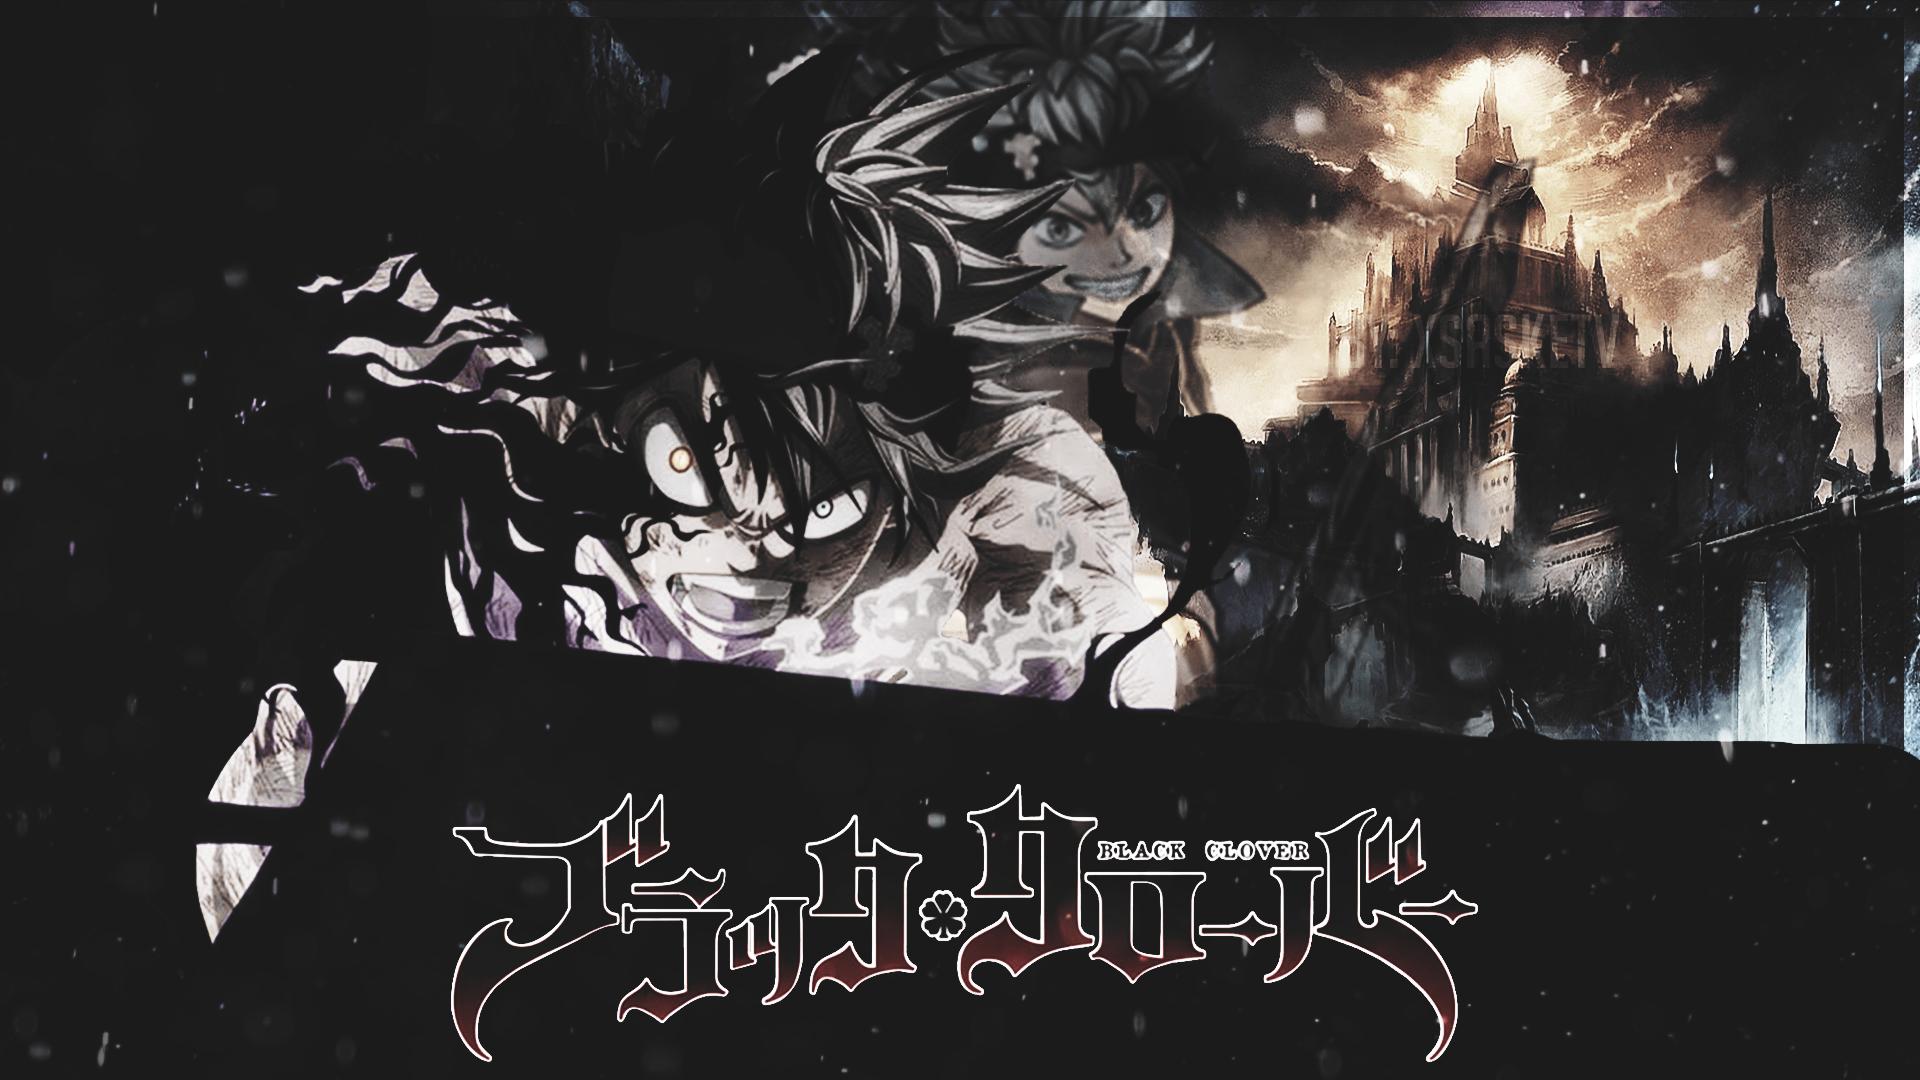 Asta Demon Wallpapers - Top Free Asta Demon Backgrounds ...